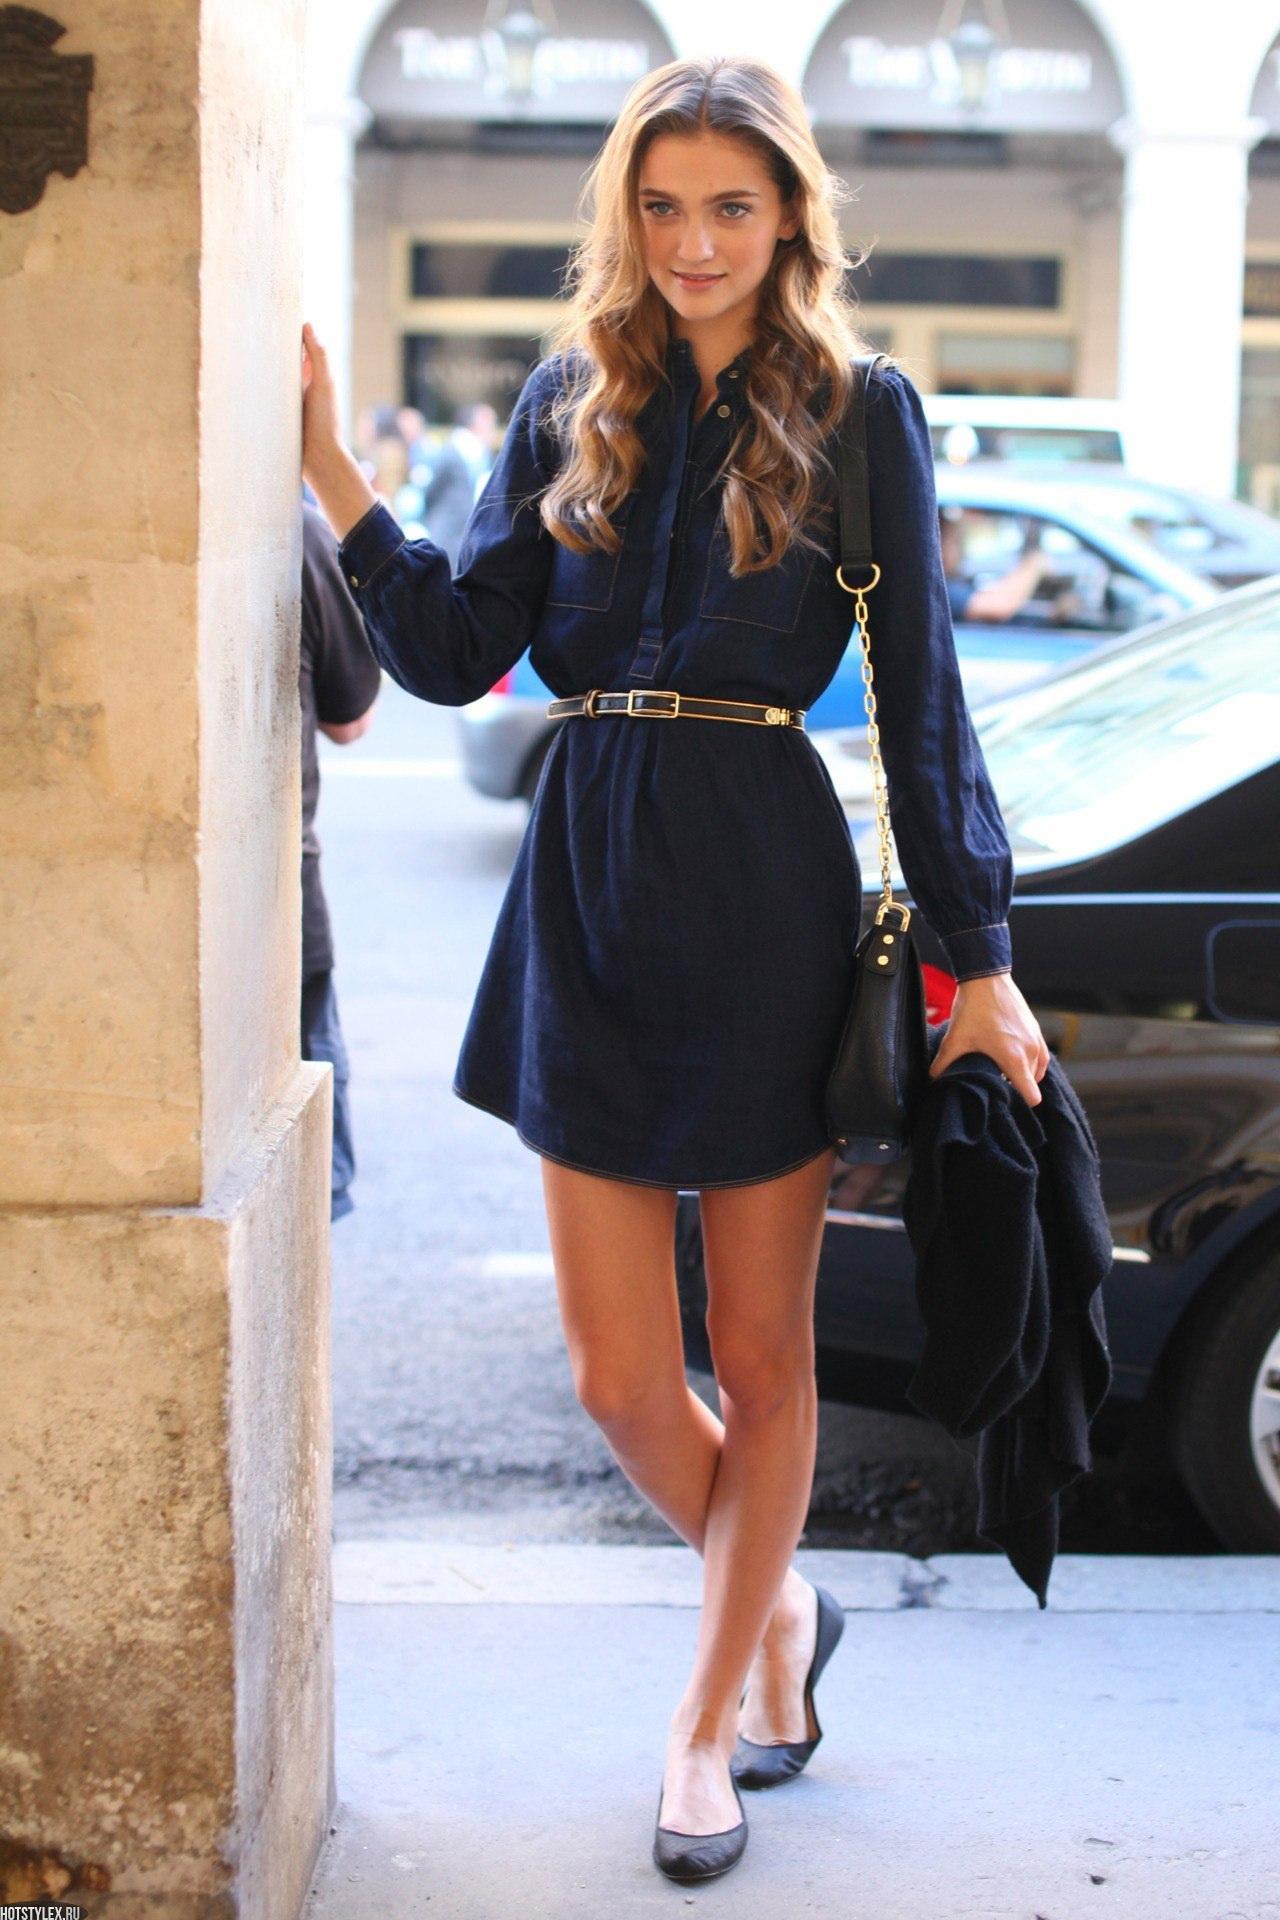 На фото: черное маленькое платье с динными рукавами и золотым ремешком.